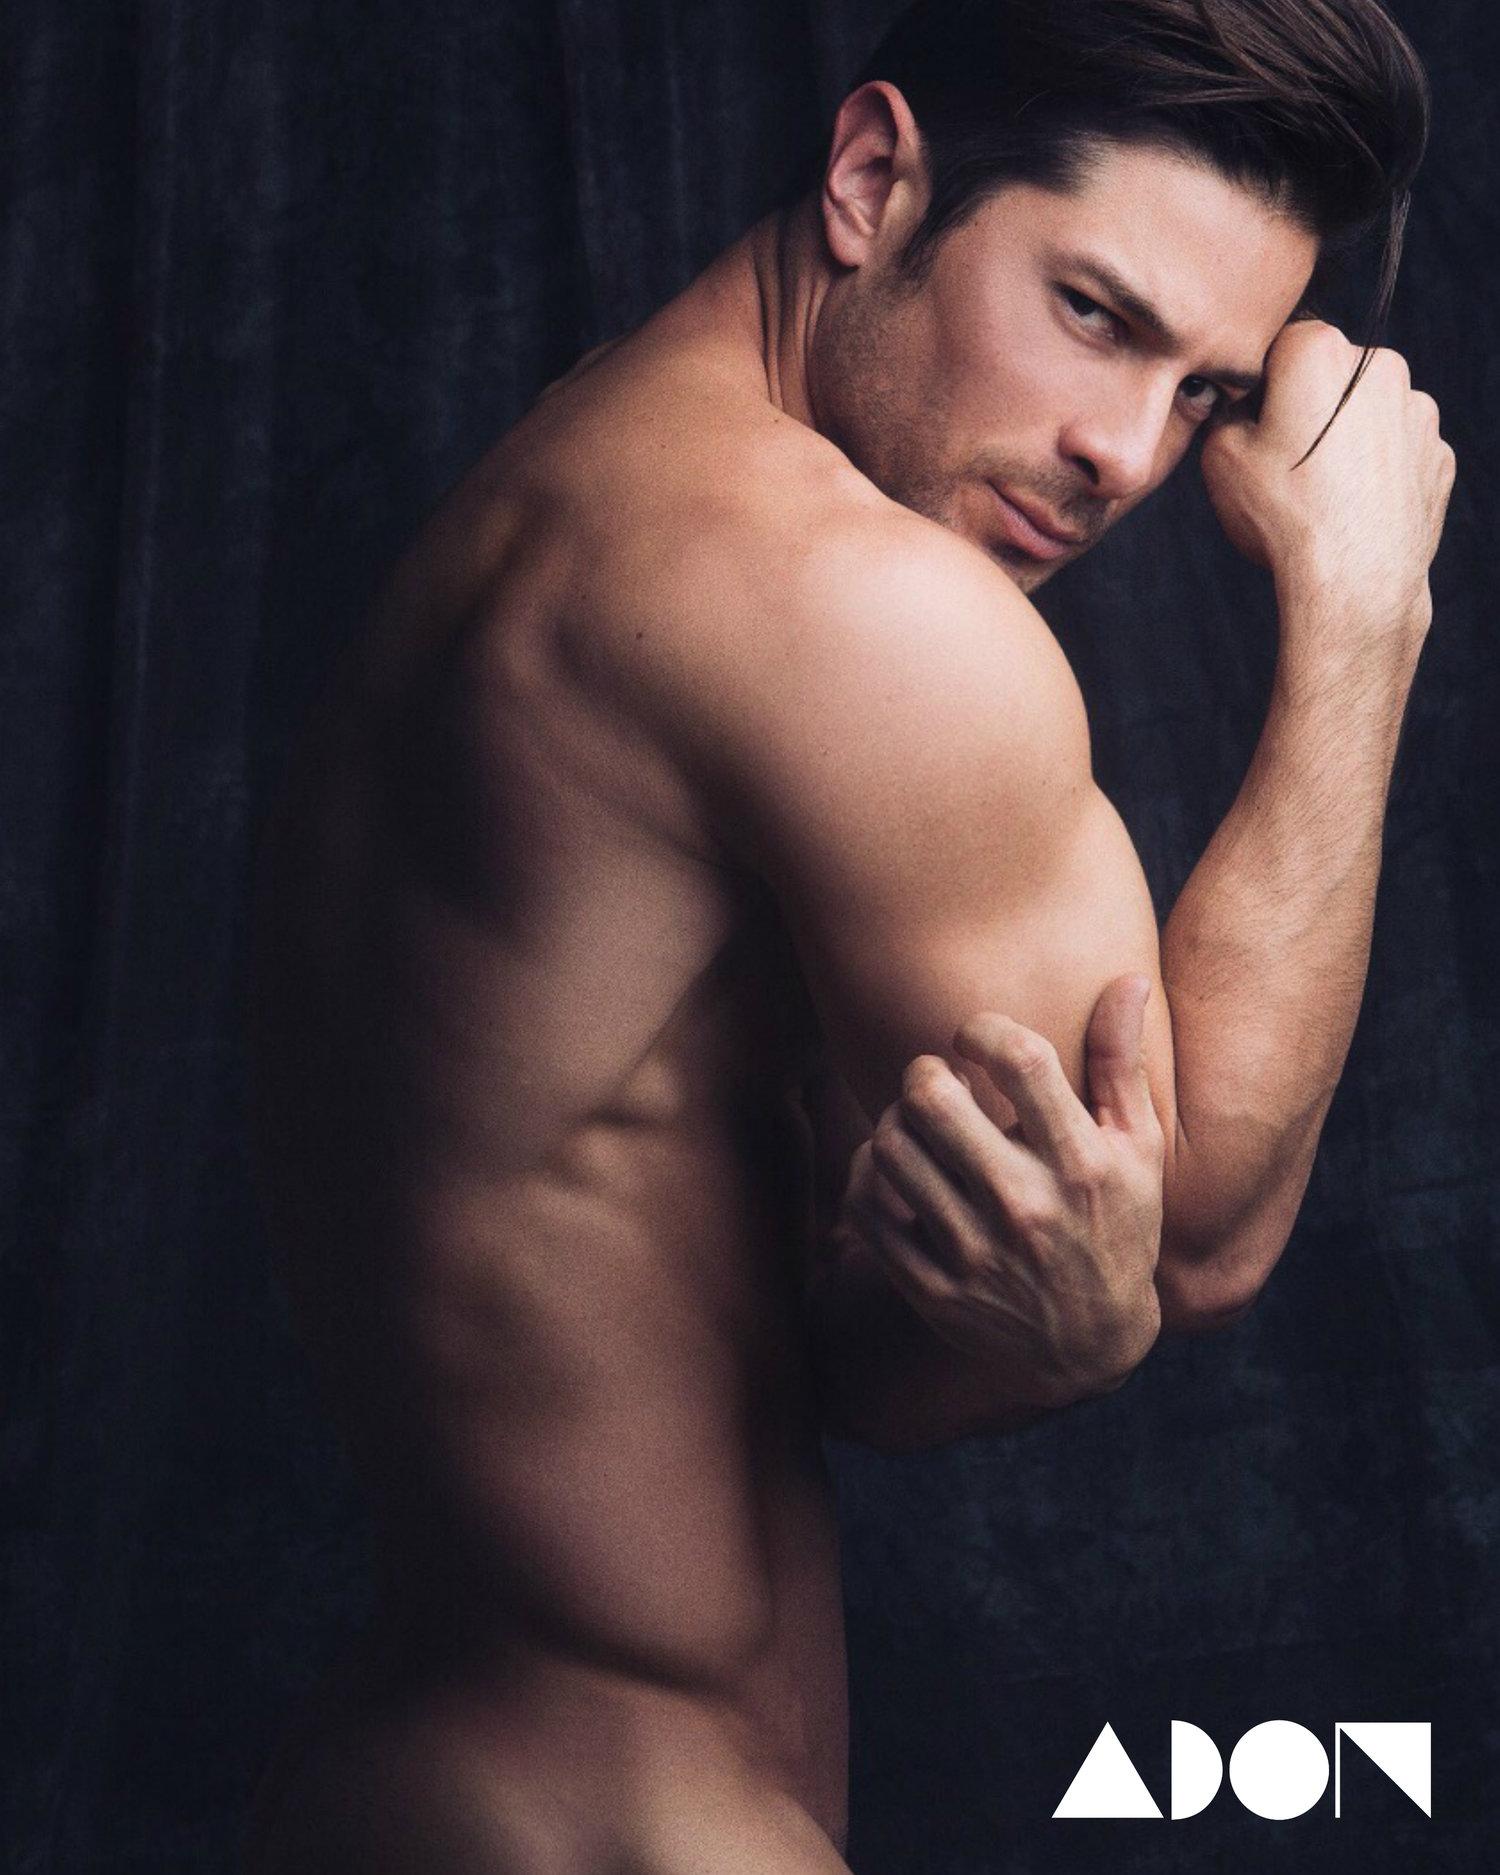 Adon Exclusive: Model Felipe Flores By Luis de la Luz